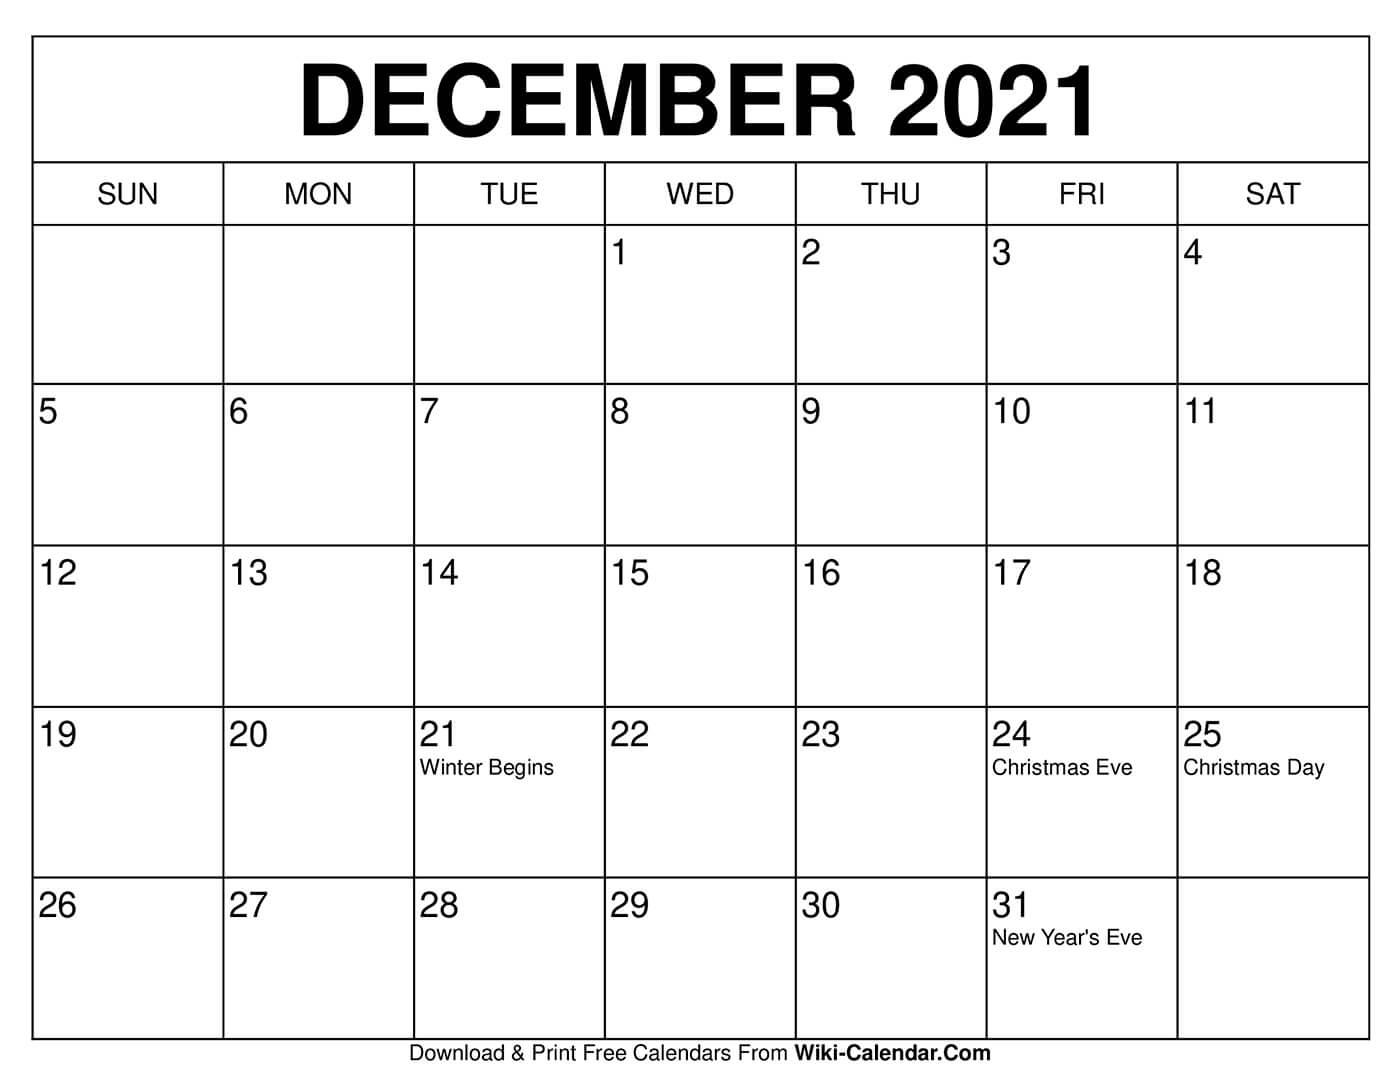 Catch Fill In December 2021 Calendar